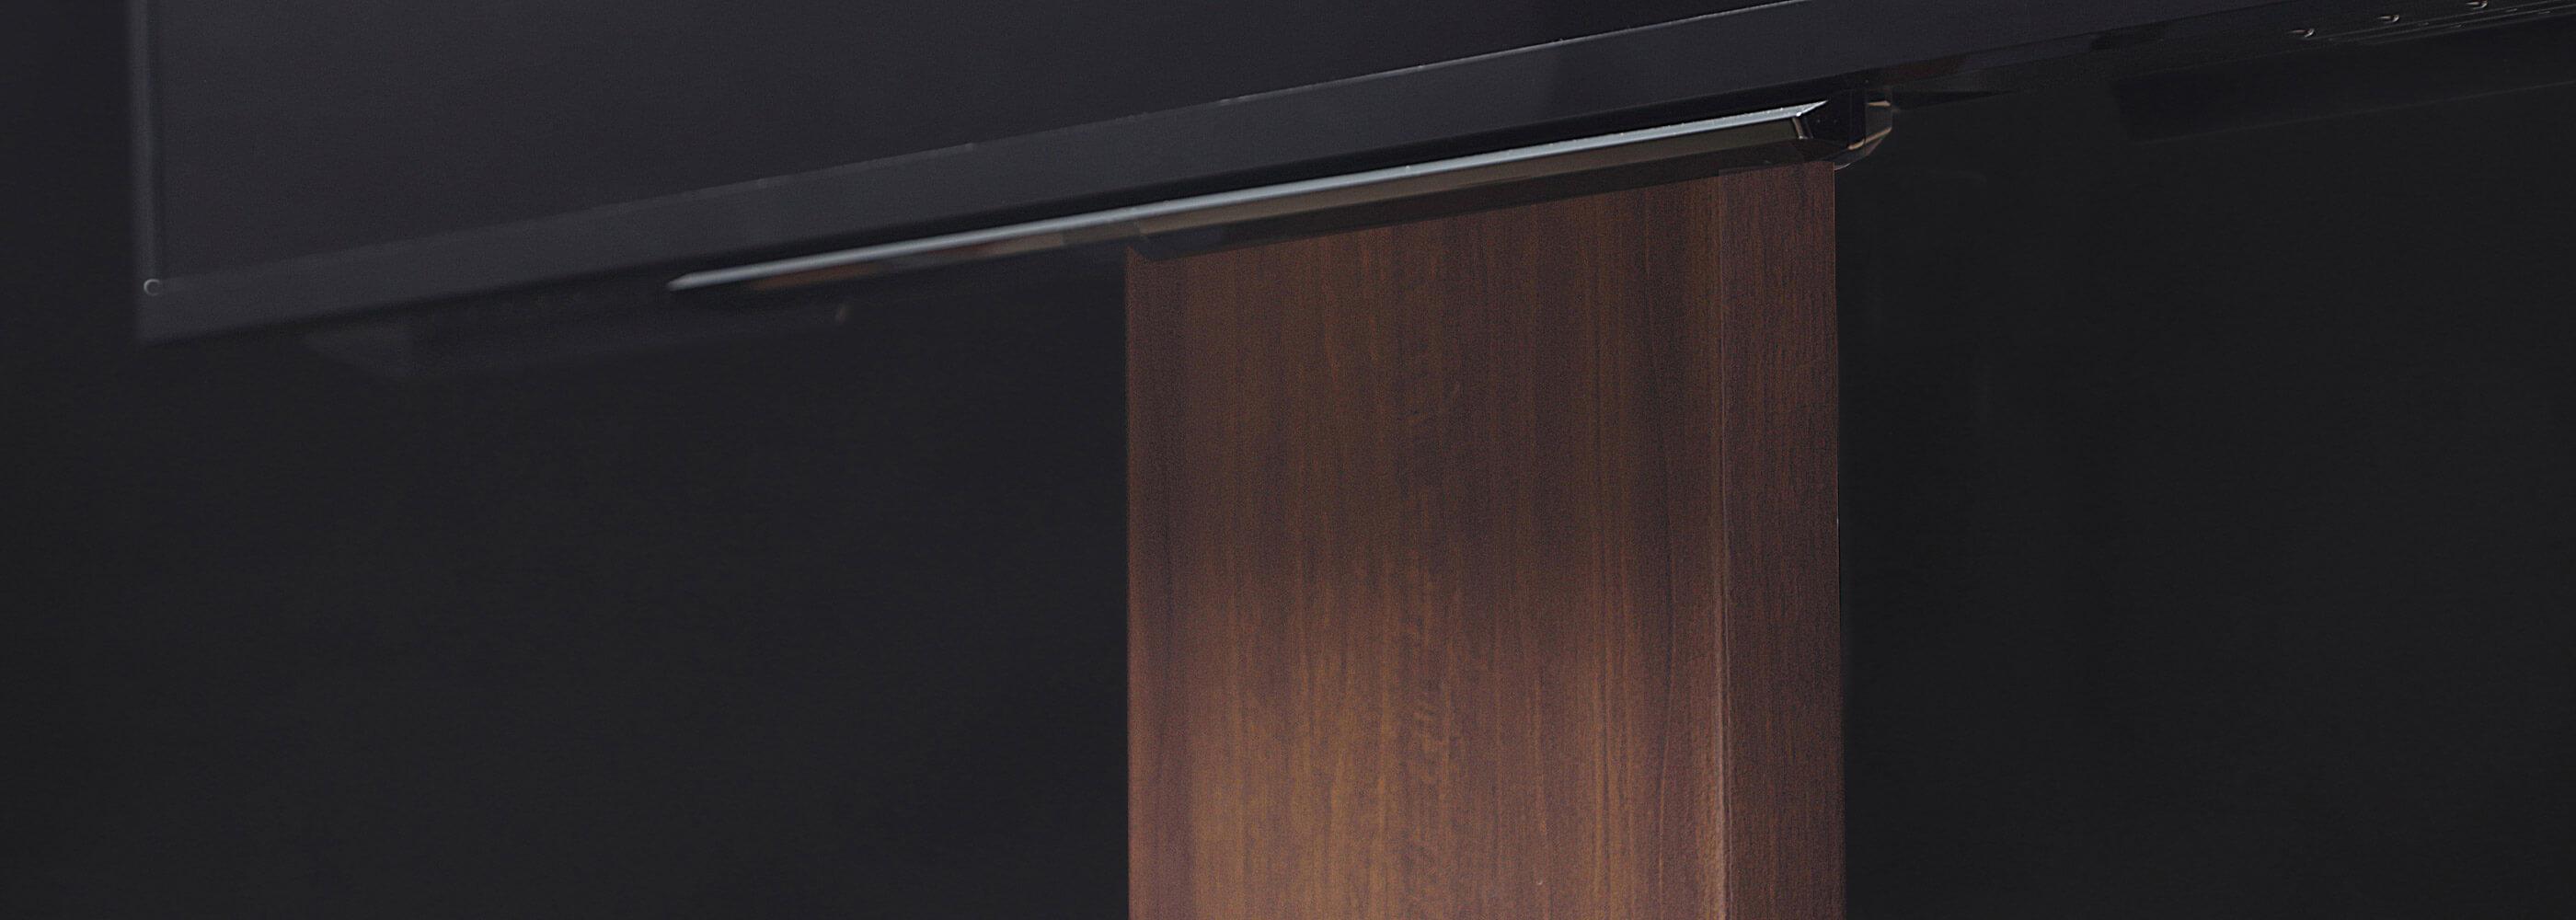 WALL INTERIOR TV STAND PRO 壁寄せテレビスタンドPRO 特徴